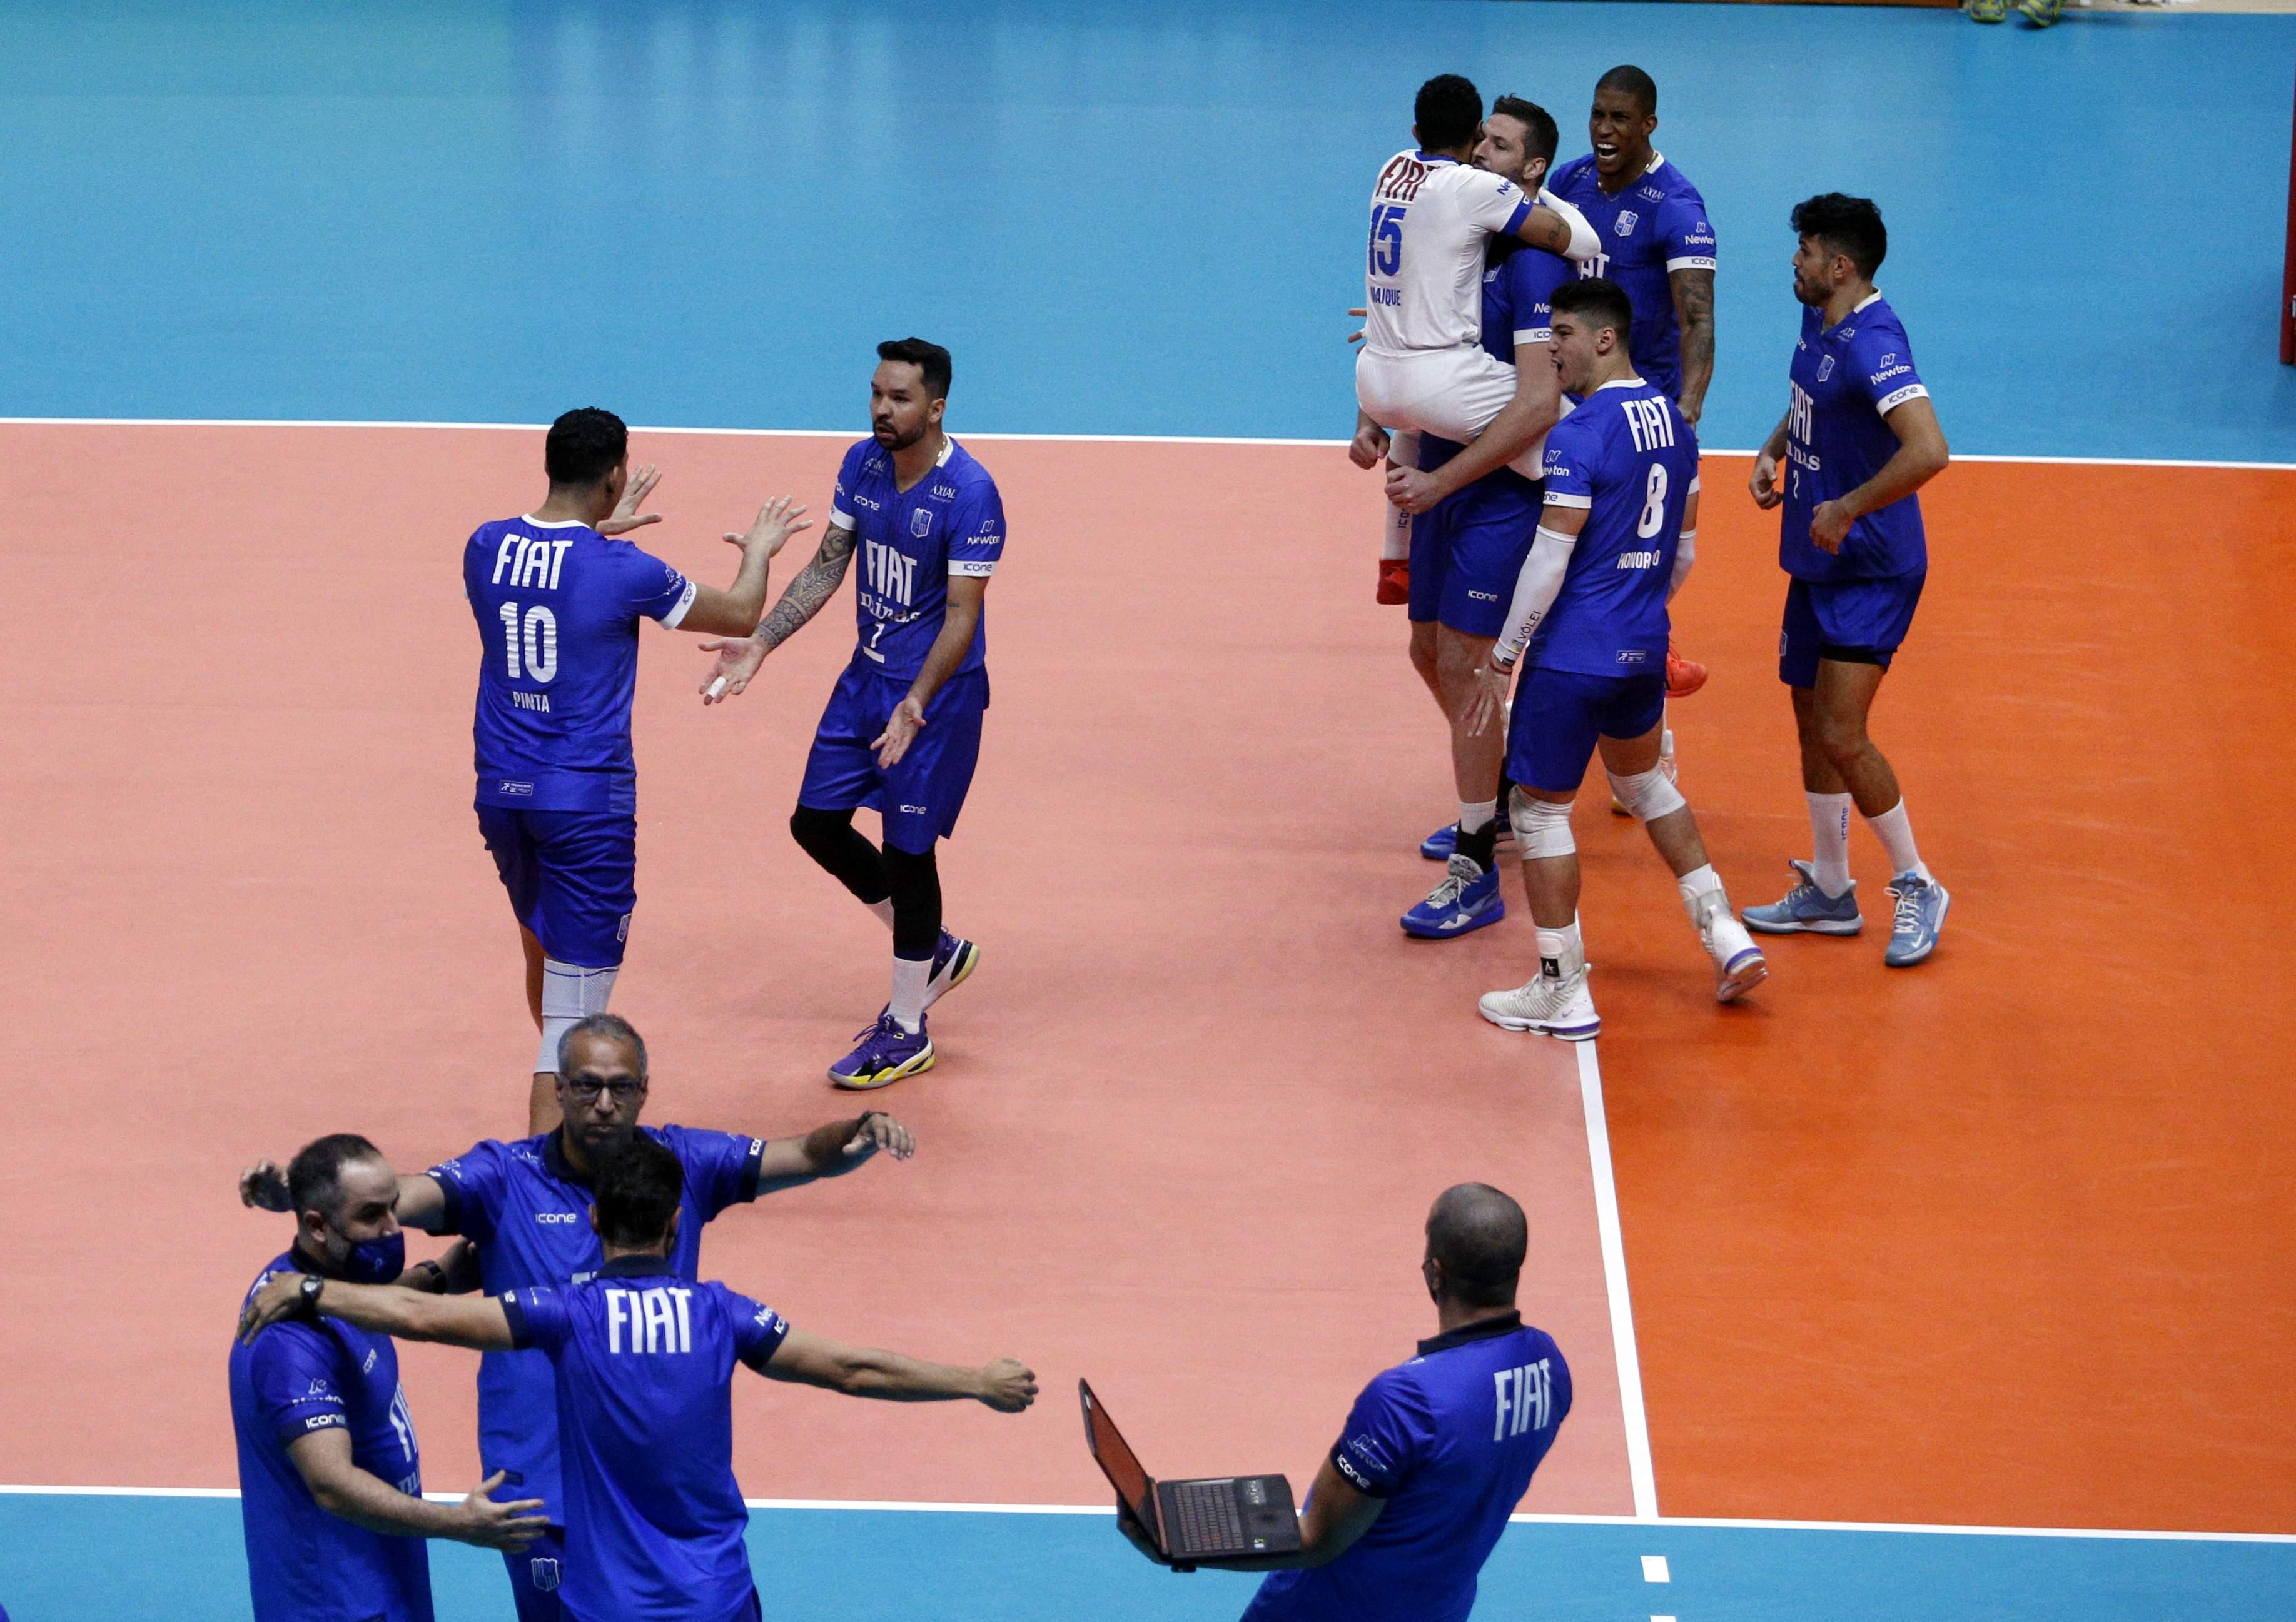 Atletas e comissão técnica do Fiat/Minas comemoram a vitória na primeira partida das quartas / Fotos: Orlando Bento/MTC